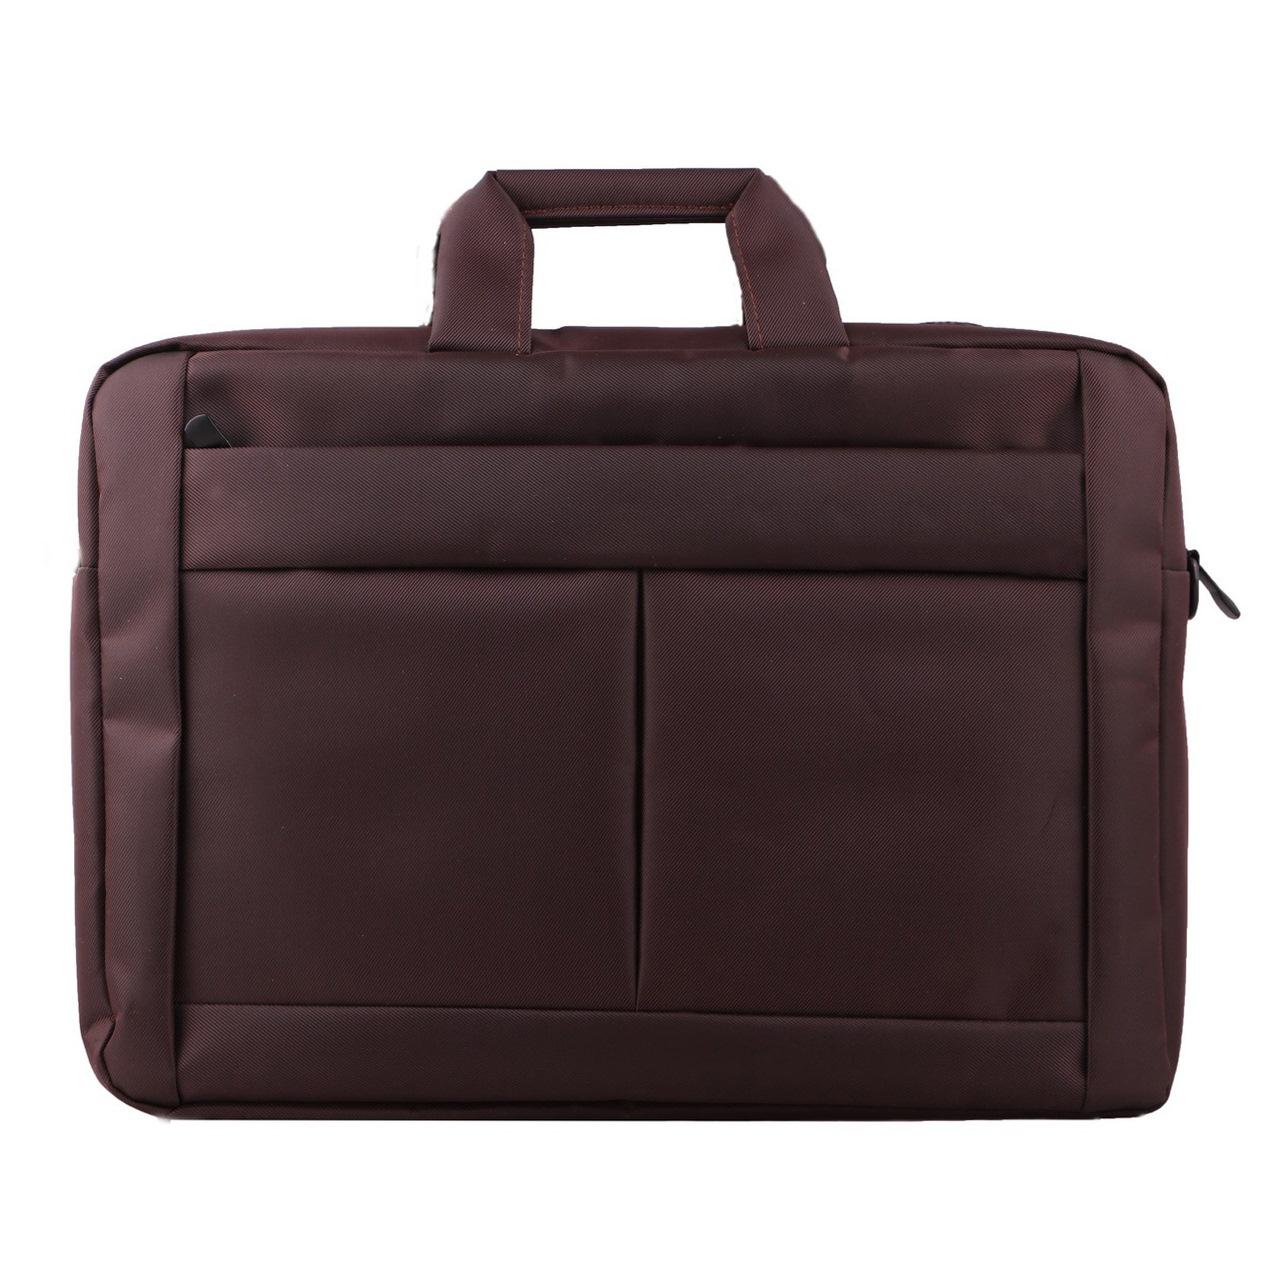 بررسی و {خرید با تخفیف} کیف لپ تاپ چرم ما مدل MO-01 مناسب برای لپ تاپ 15.6 اینچی اصل